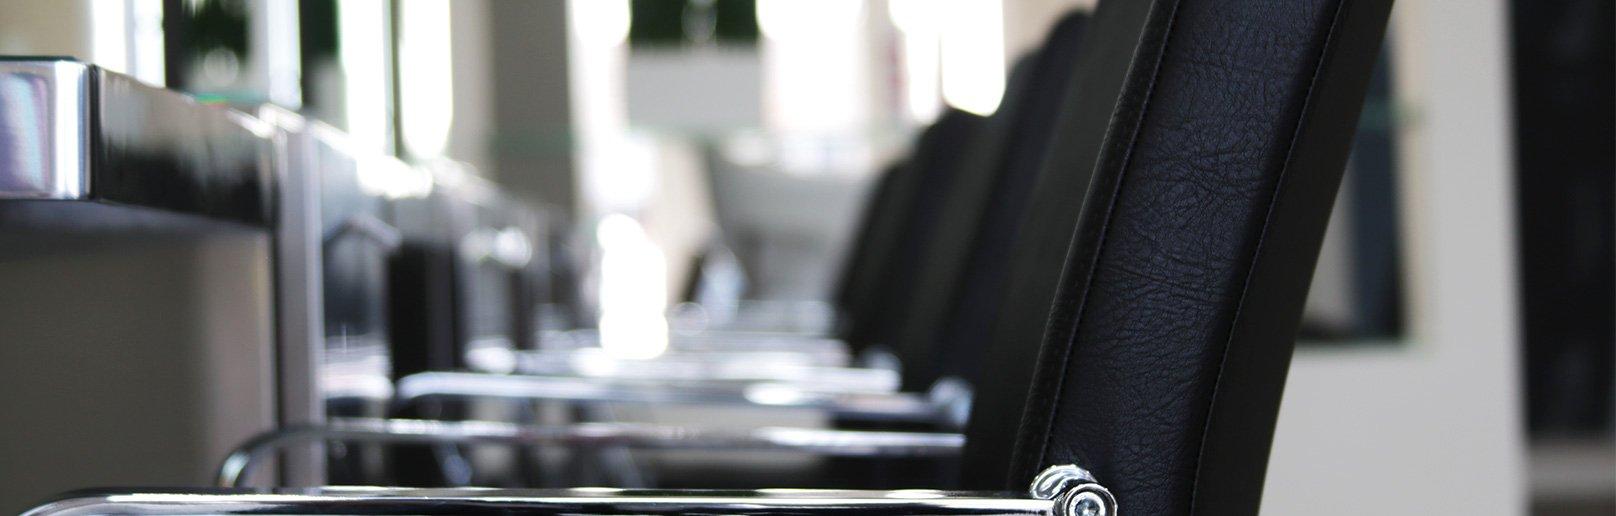 Forresters Tilehurst hair salon interior 7